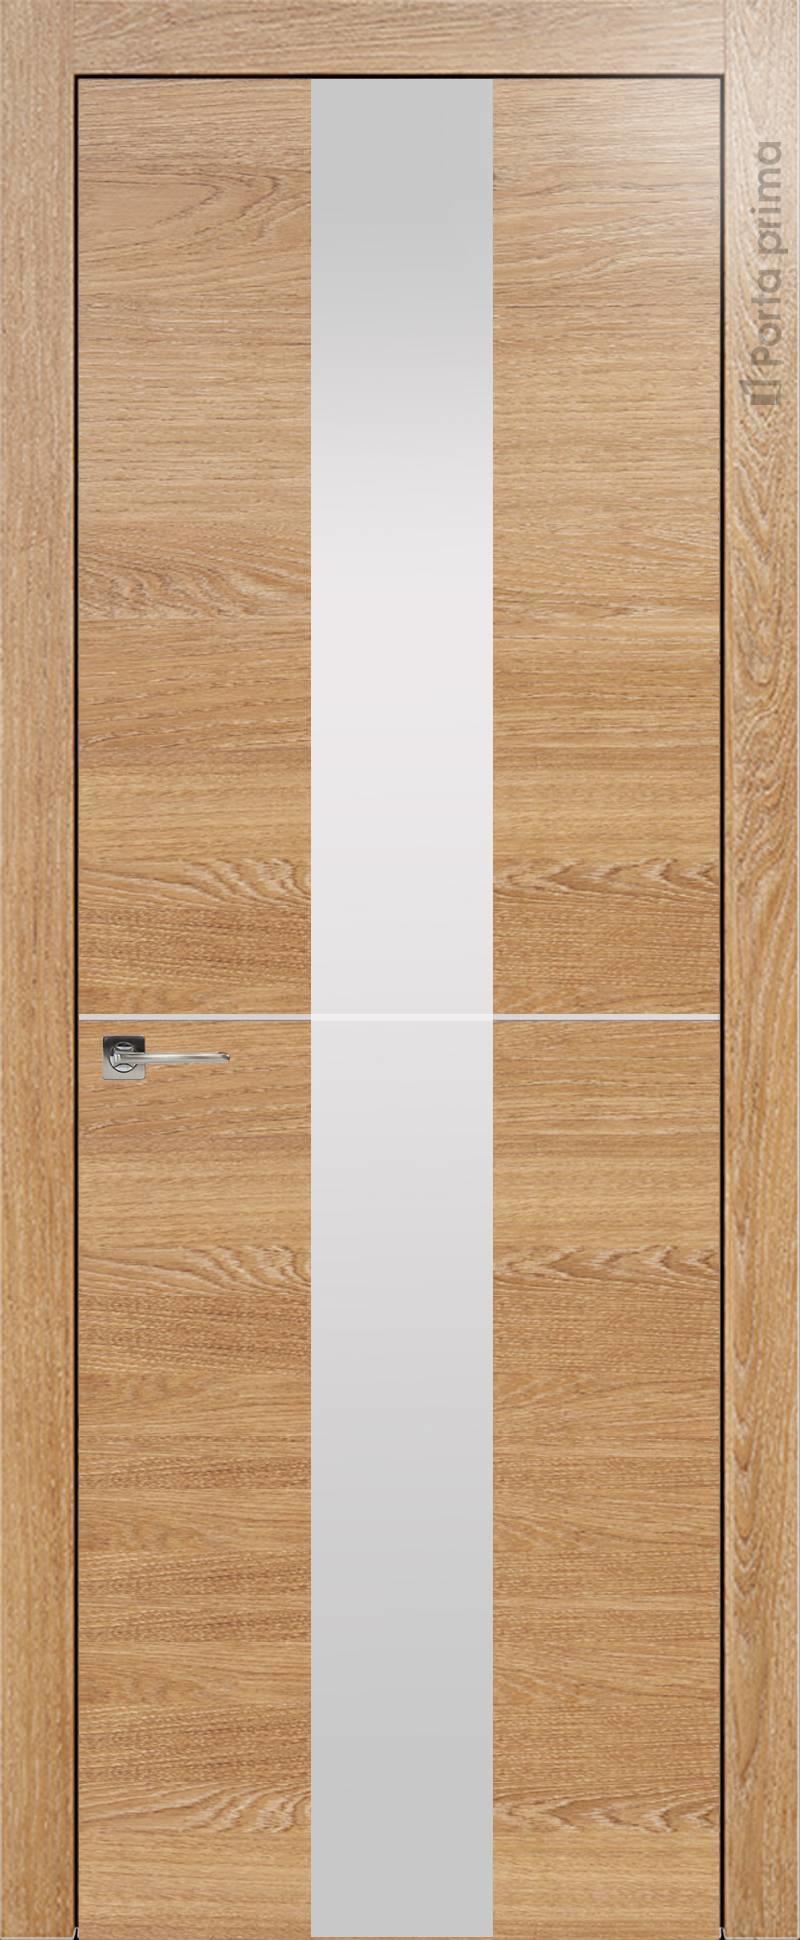 Tivoli Ж-3 цвет - Дуб капучино Со стеклом (ДО)